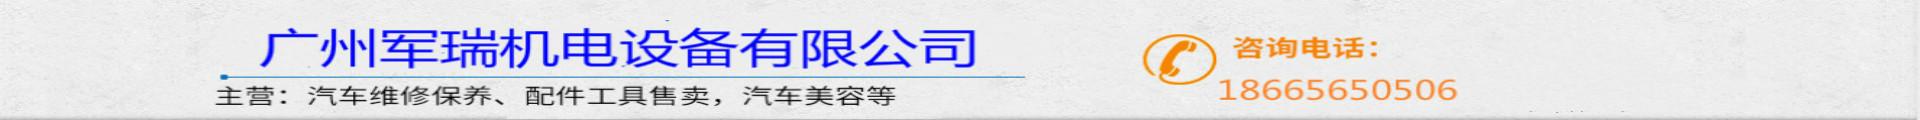 廣州軍瑞機電設備有限公司